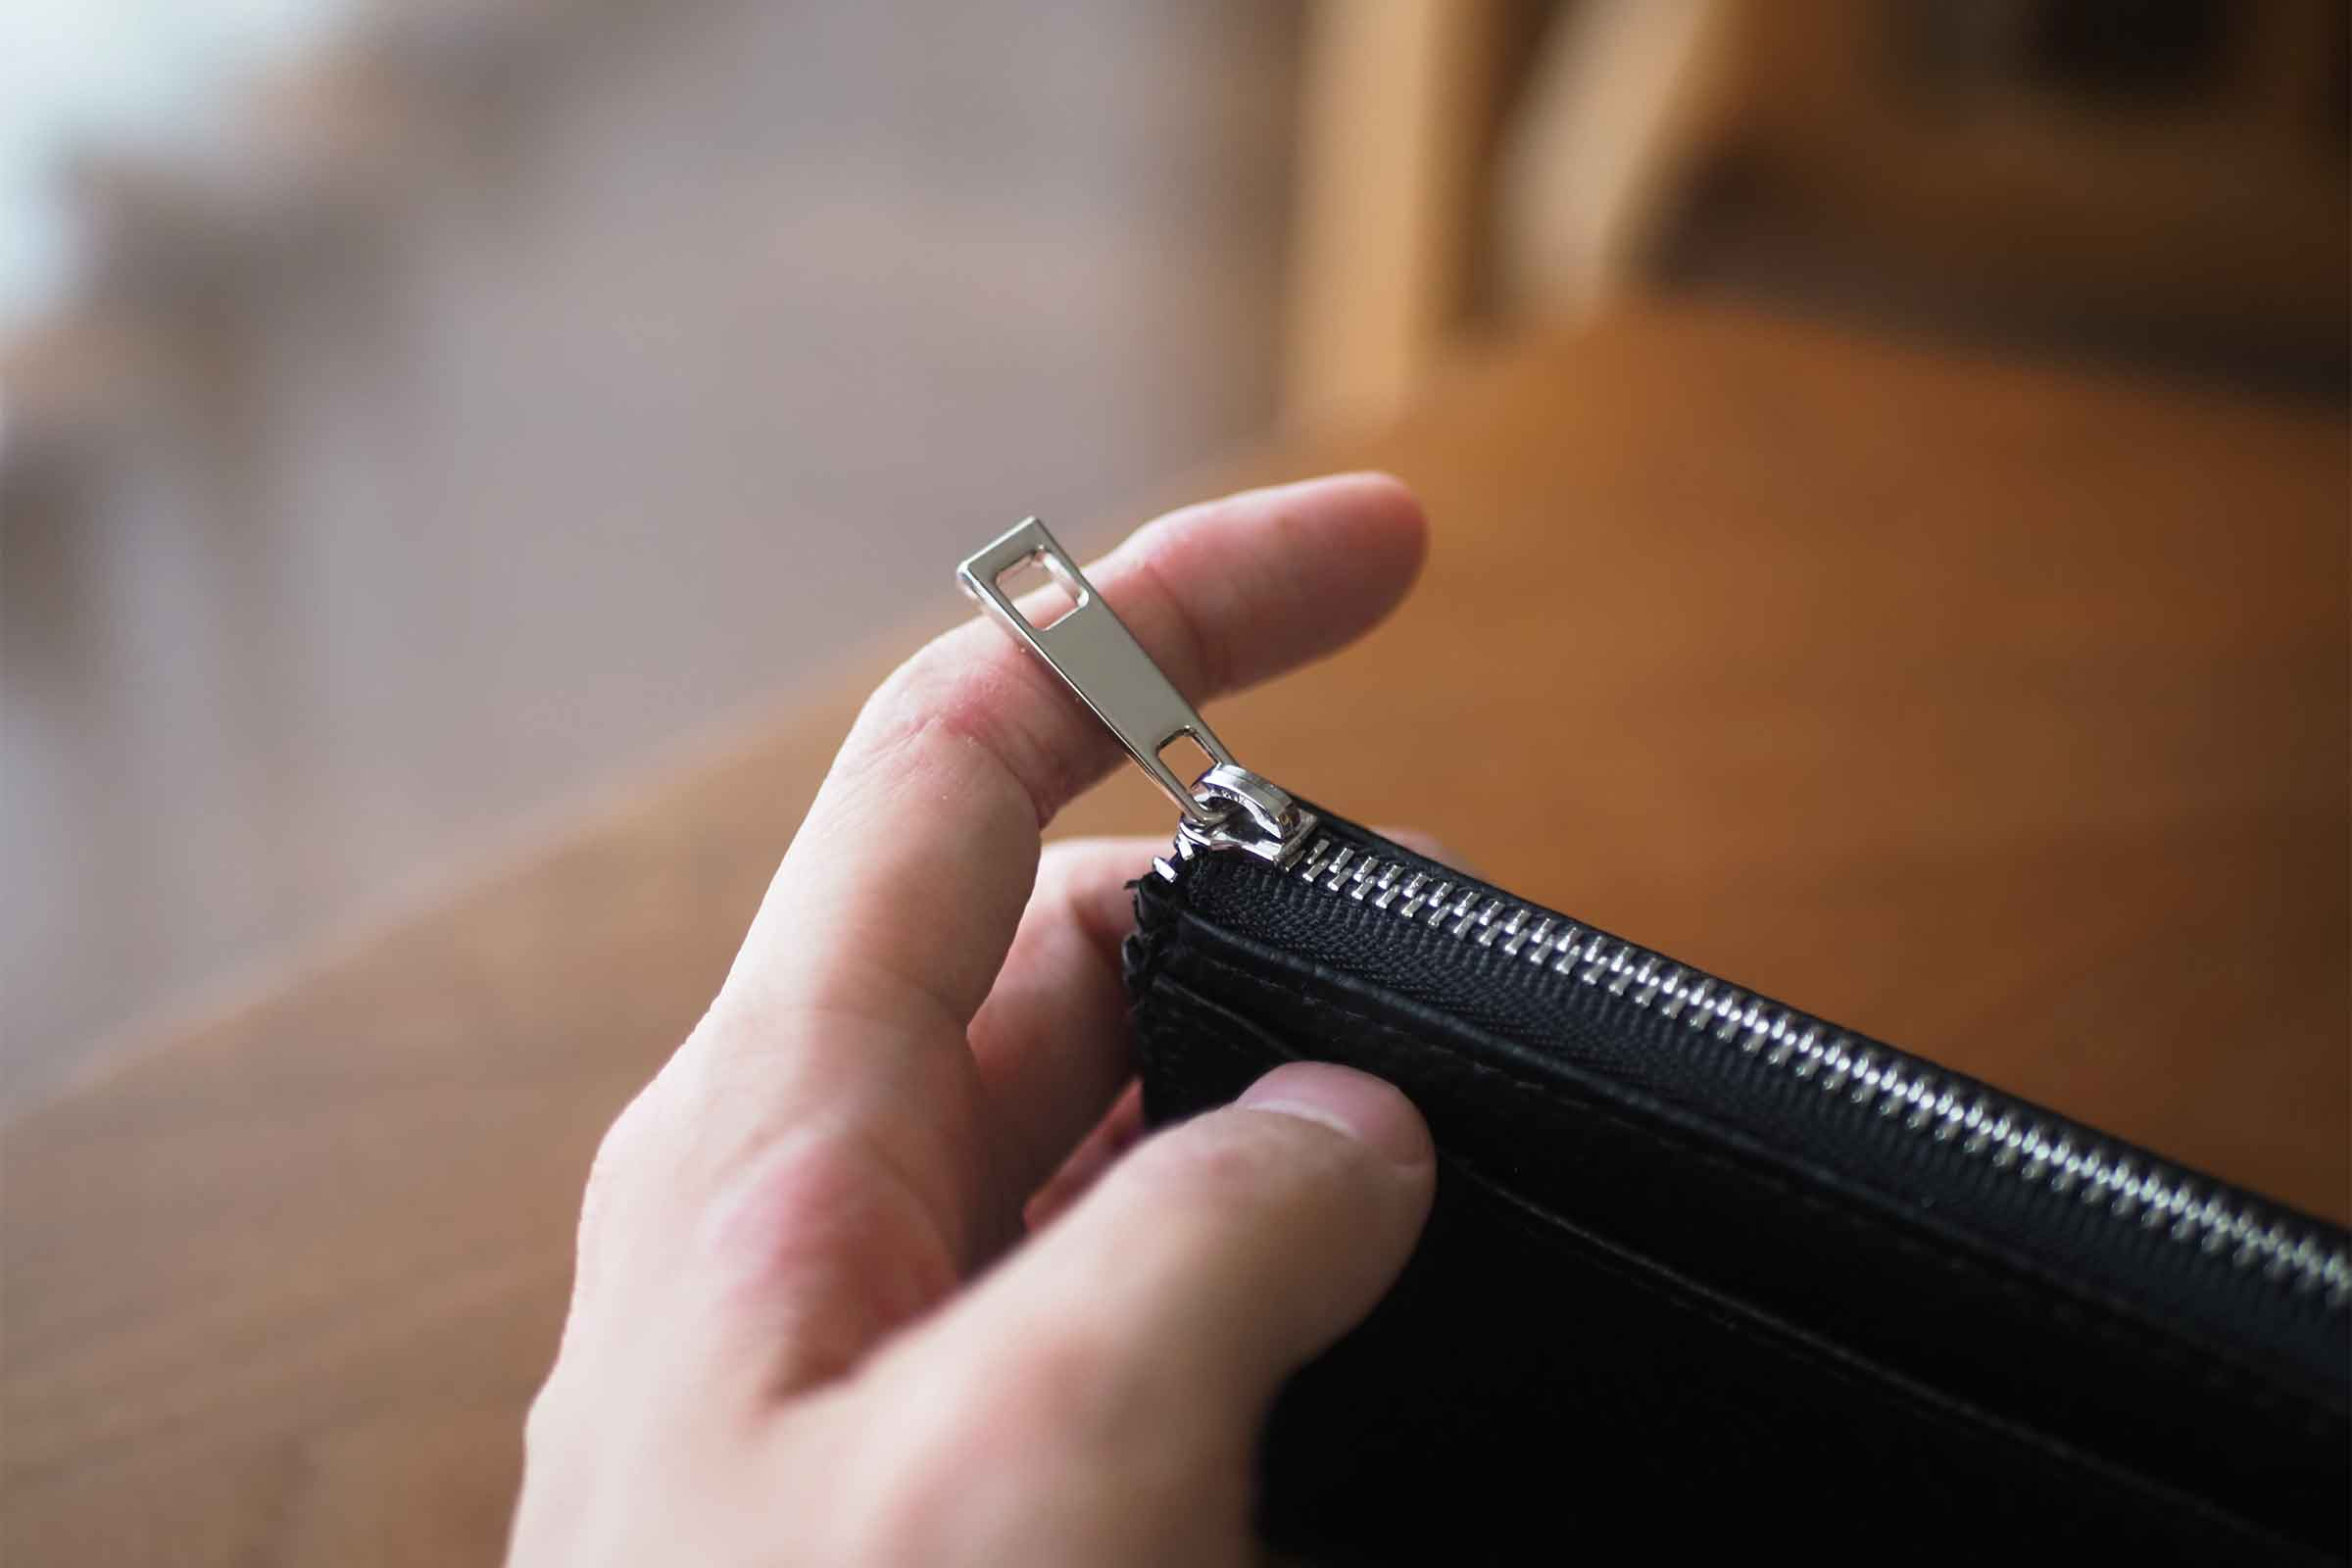 ミニ財布,リスキーモデル,risky,コンパクト,小さい,安い,コスパ,ファスナー